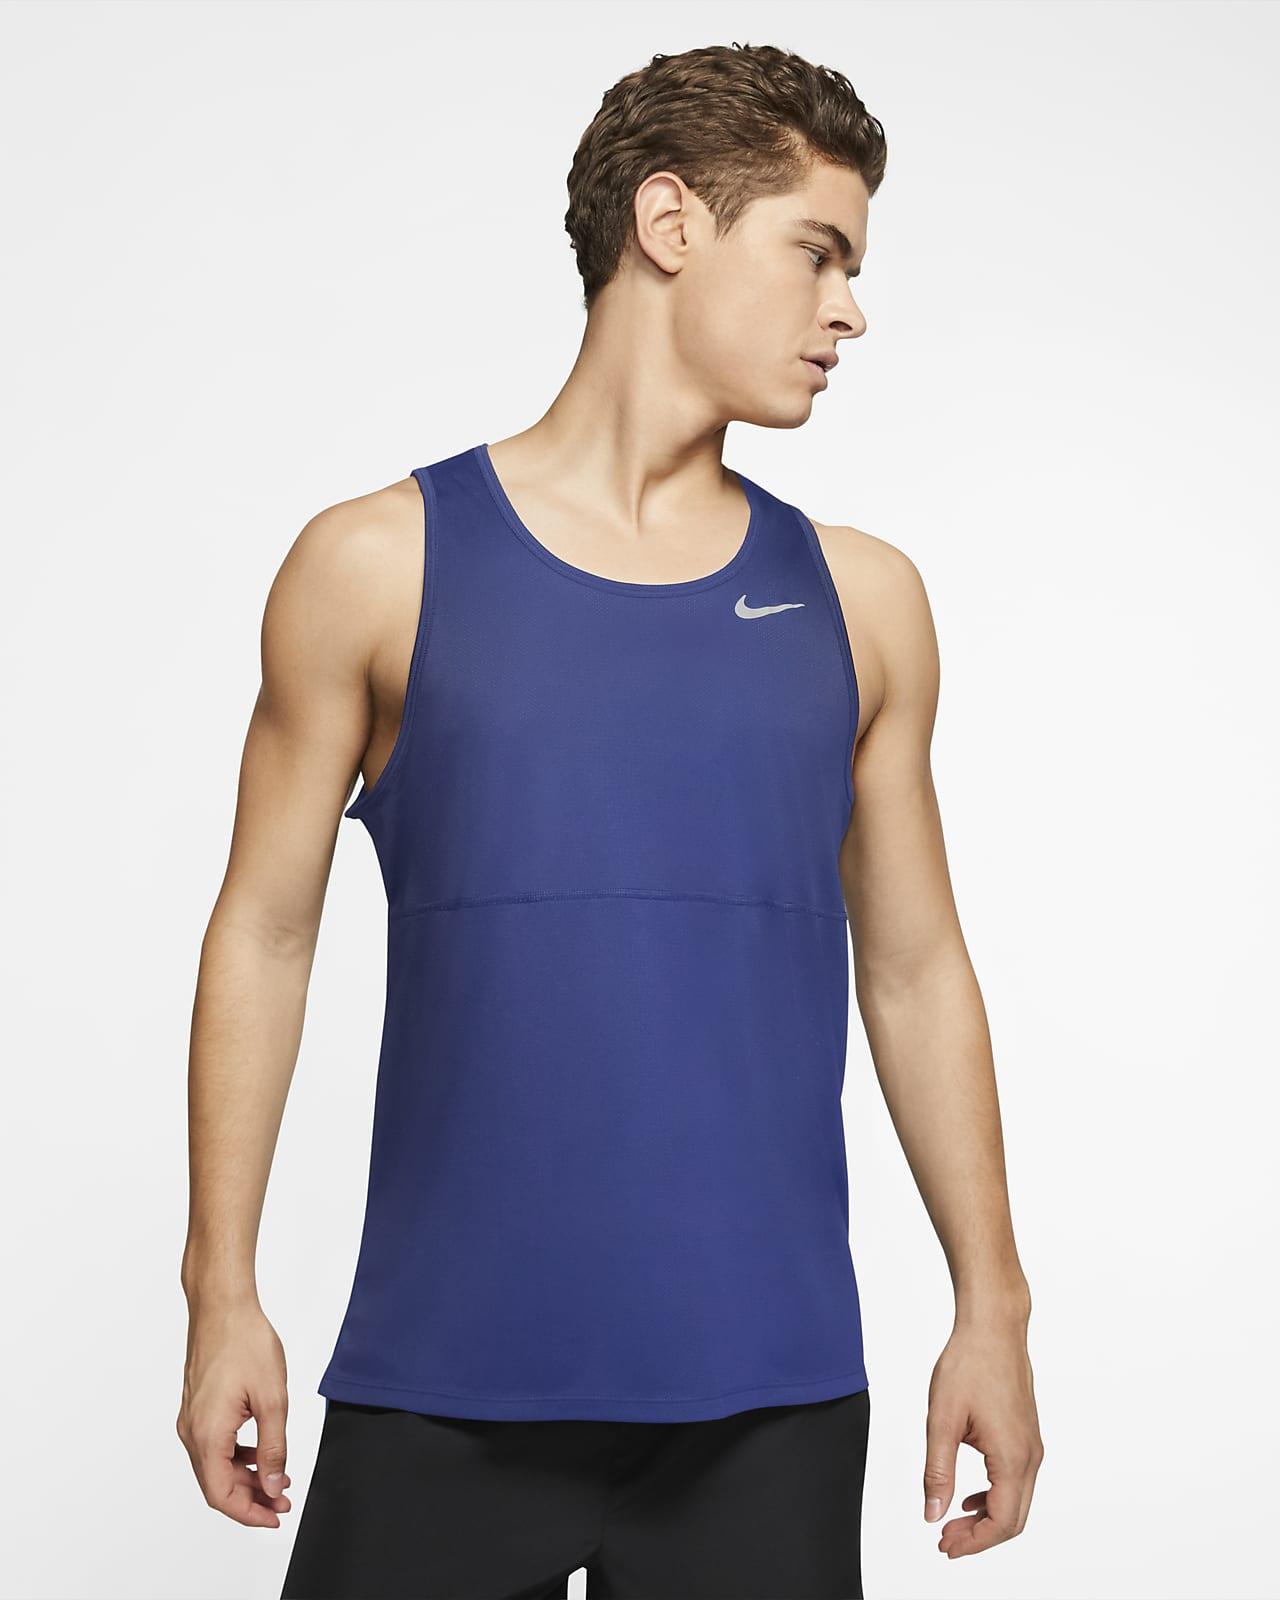 เสื้อกล้ามวิ่งผู้ชาย Nike Breathe